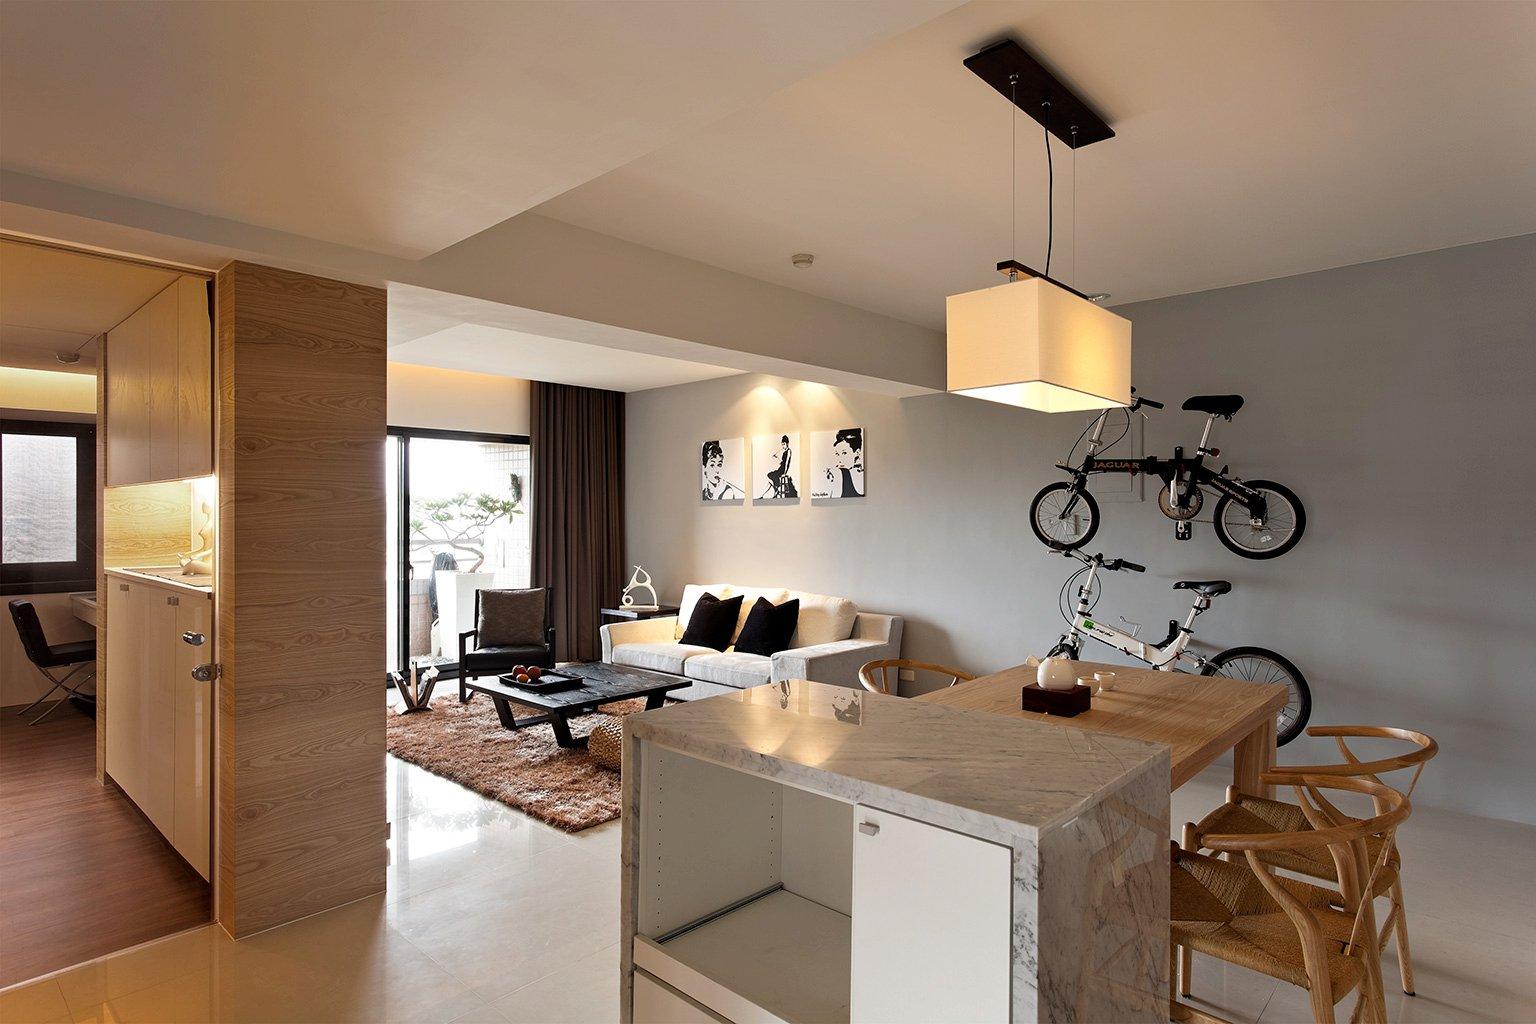 Kitchen diner interior design ideas